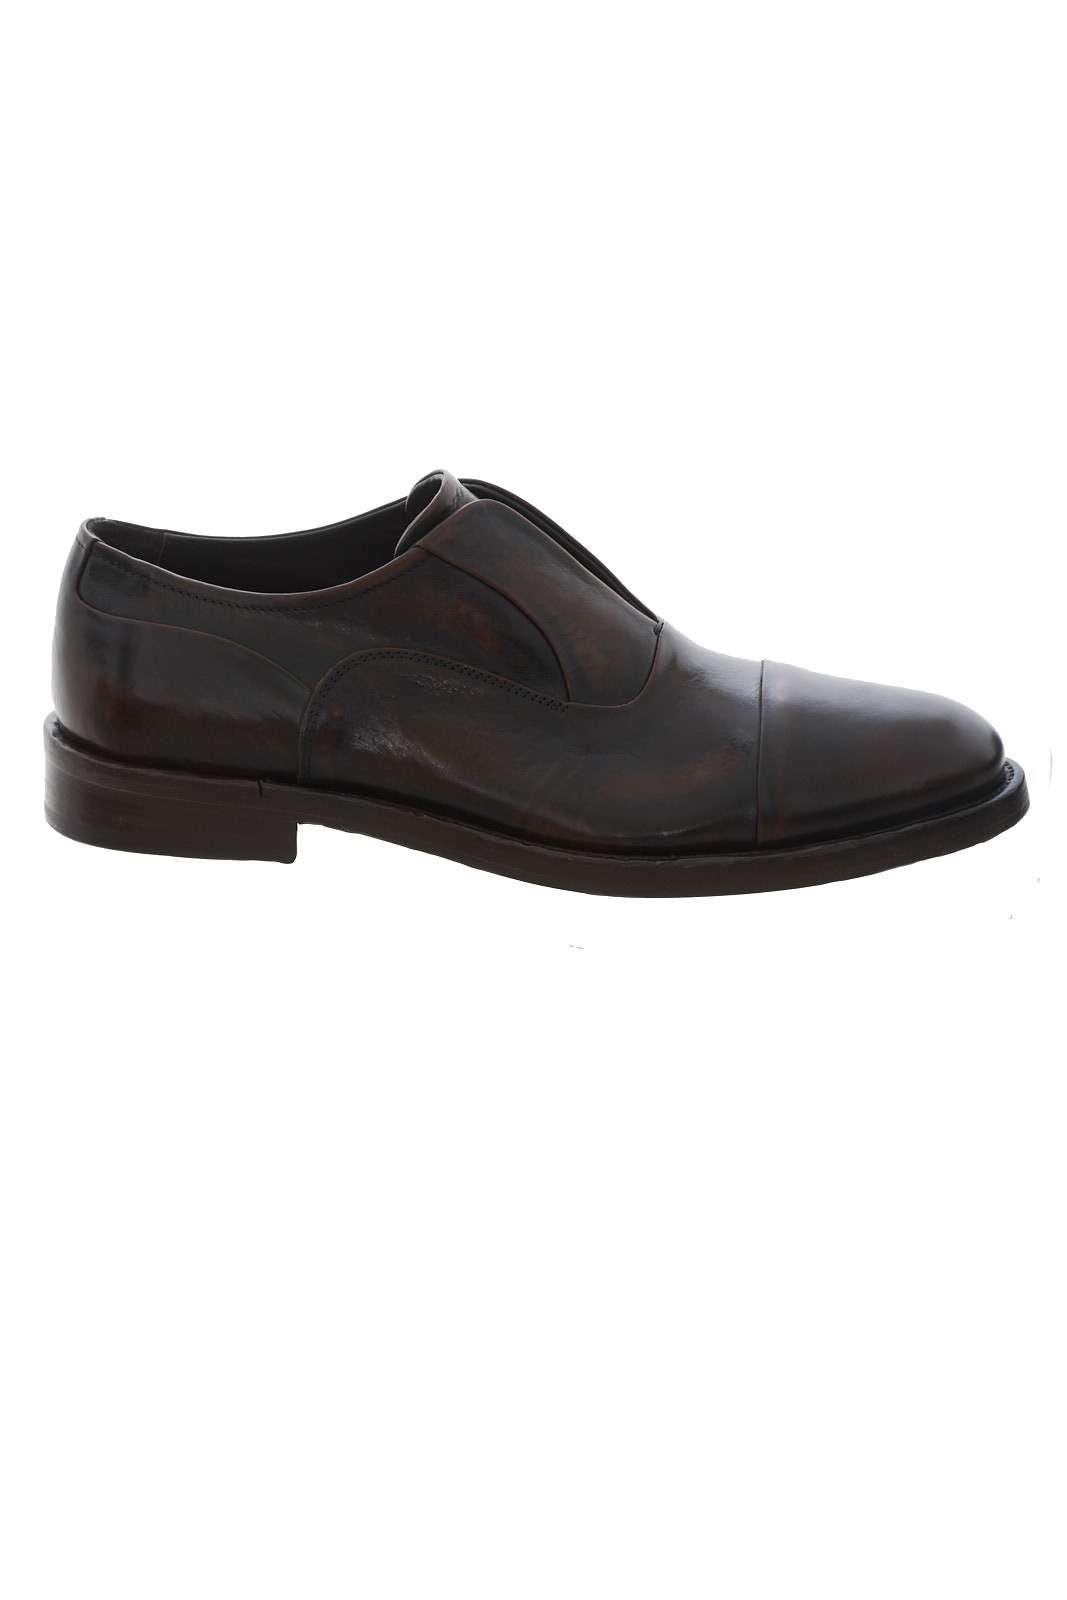 Una scarpa comoda e versatile firmata Corvari. Facile da infilare, sarà l'ideale per tutte le occasioni, dall'ufficio alle cerimonie. Per l'uomo che ama uno stile versatile e classico.